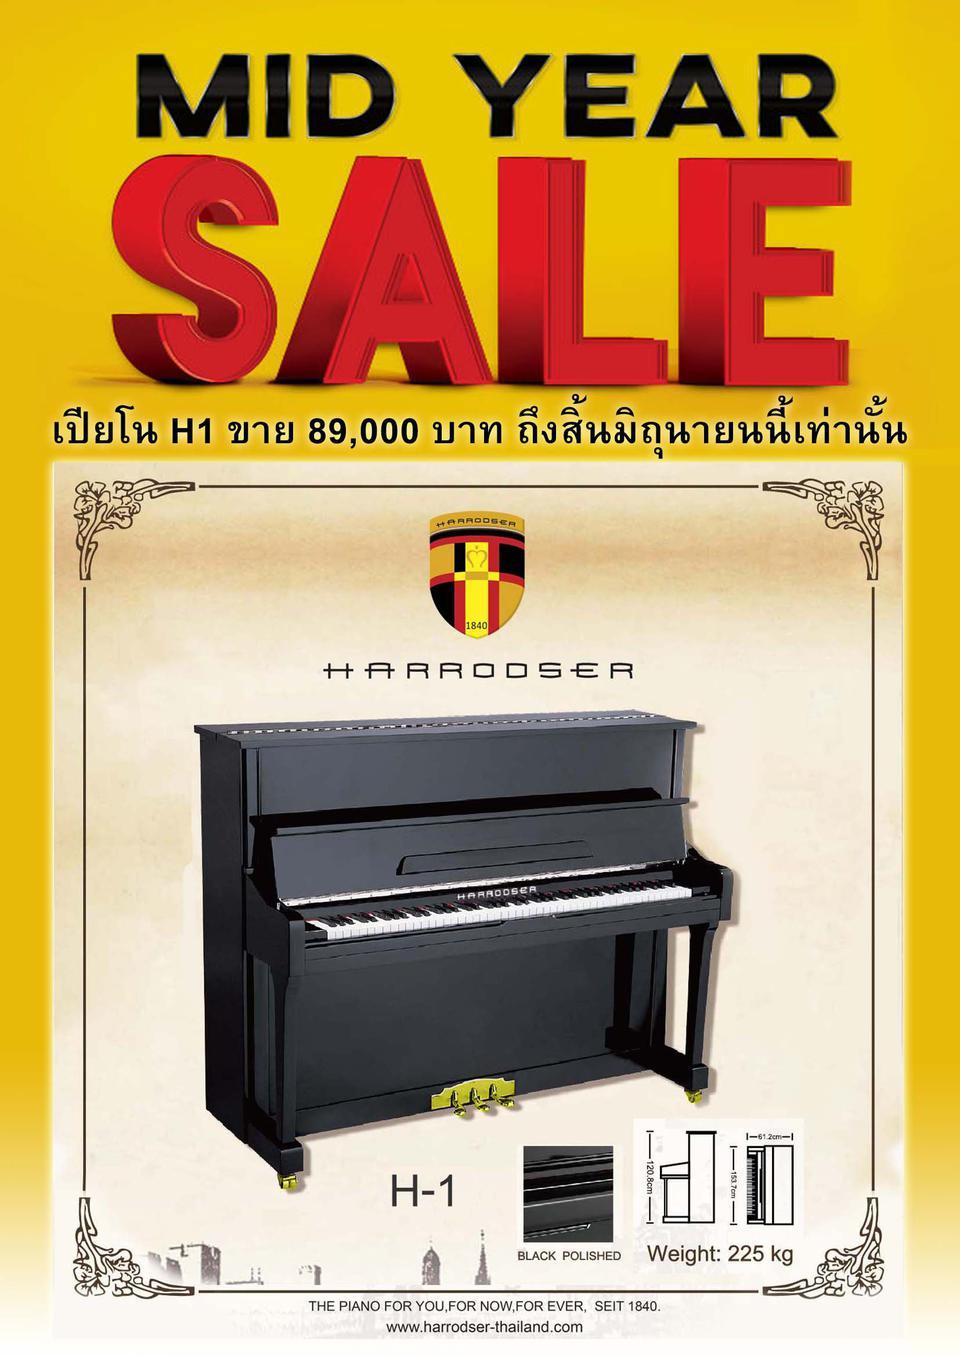 โปรโมชั่น Pro-Mid year sale โอะคูสติกเปียโน HARRODSER-H1 รูปที่ 1